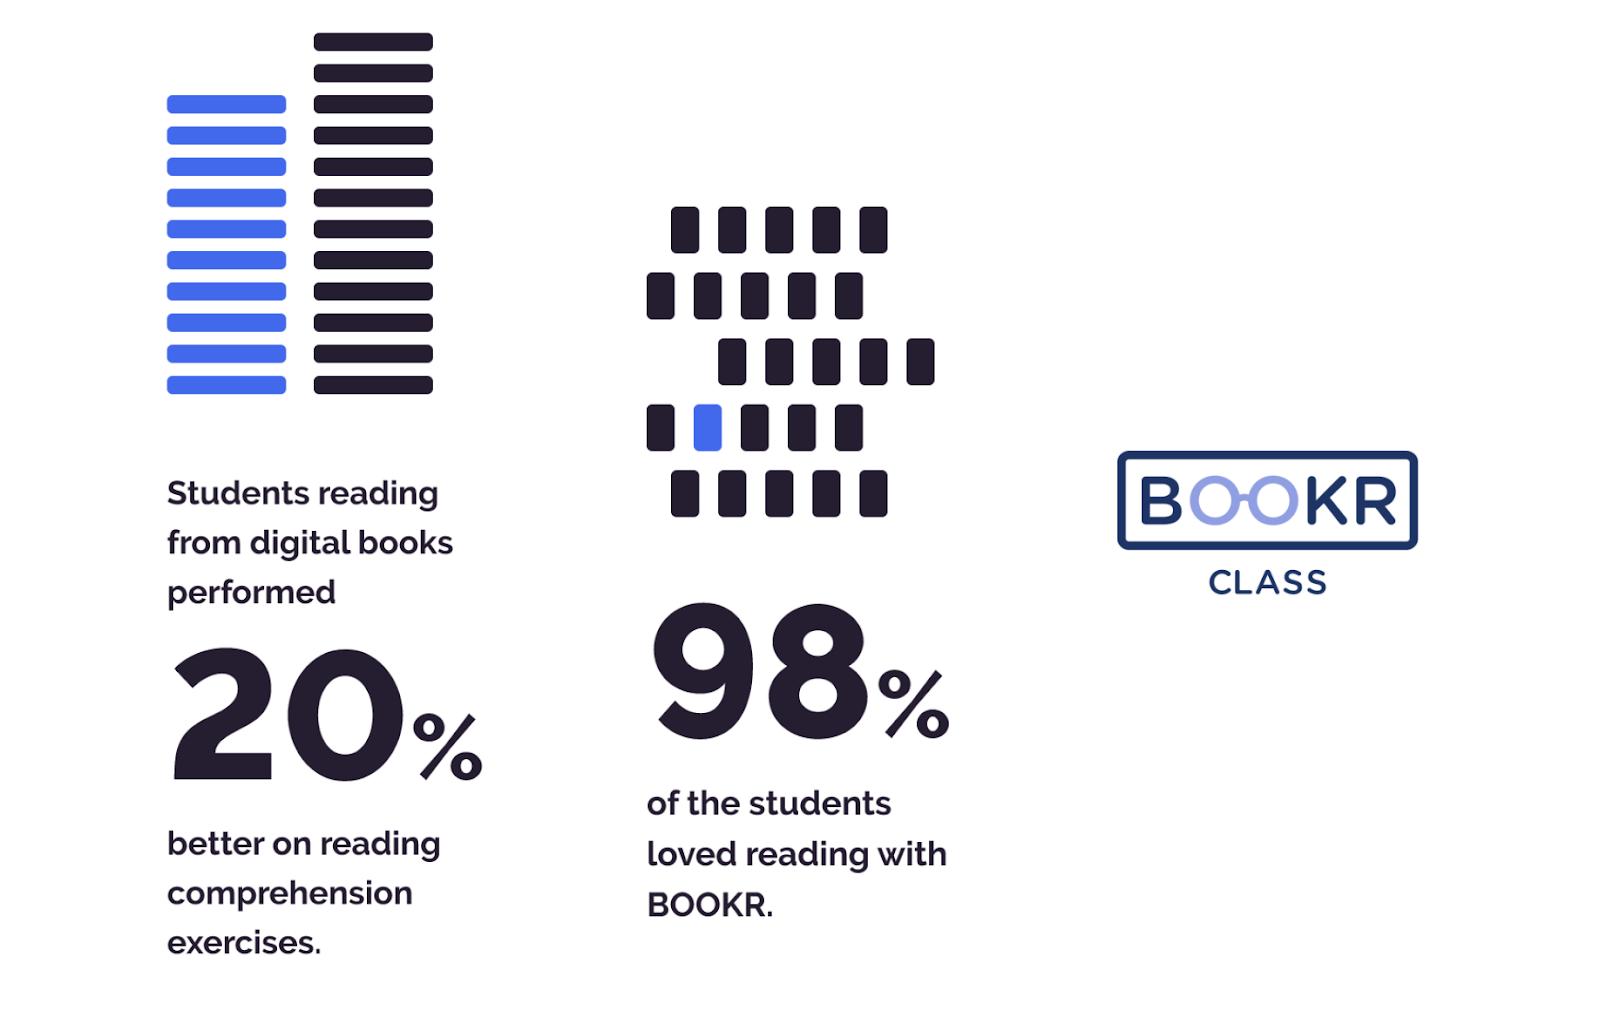 book class statistics